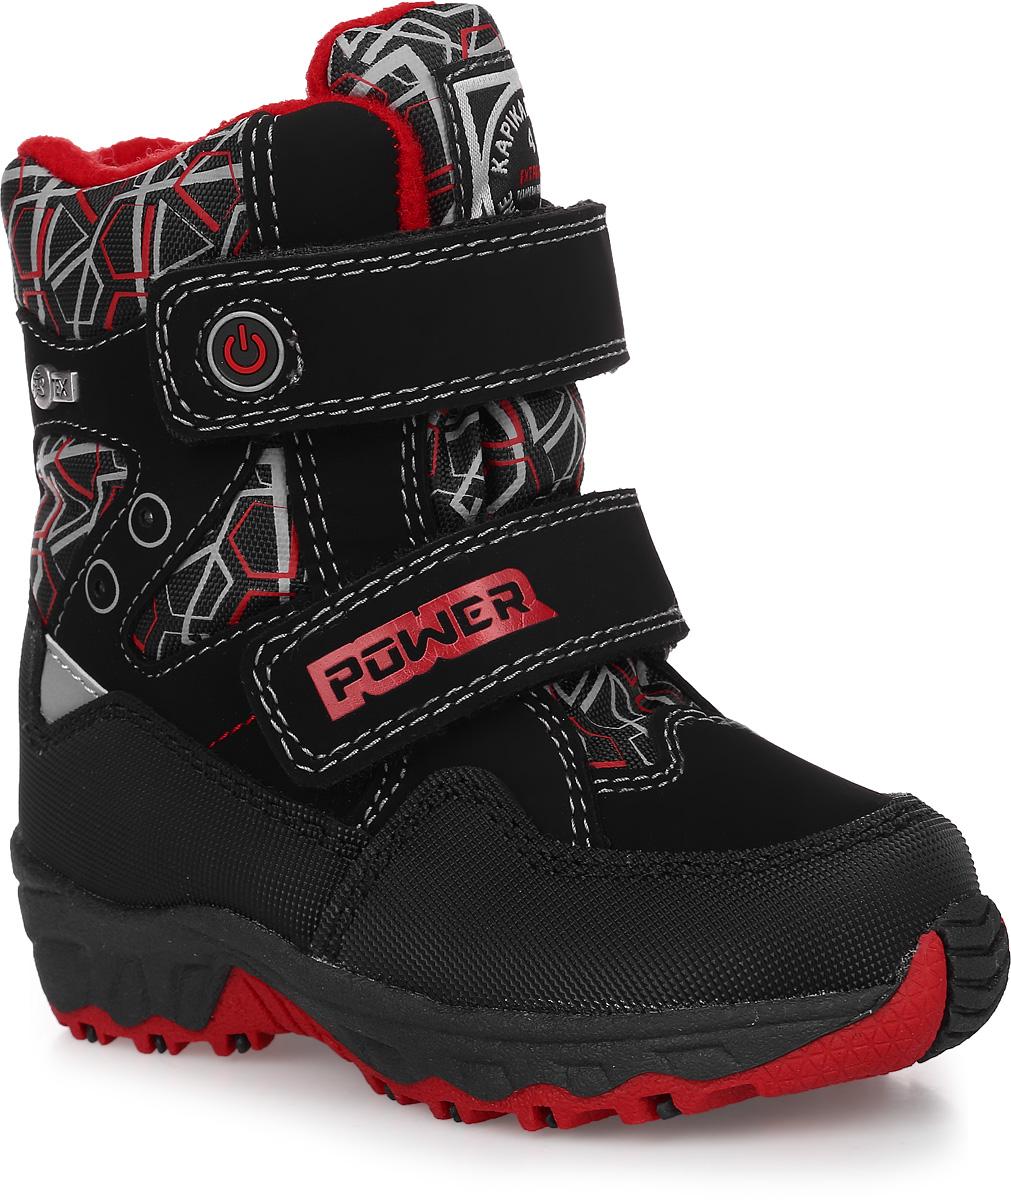 41160-1Ботинки от Kapika придутся по душе вашему мальчику. Модель идеально подходит для зимы, сохраняет комфортный микроклимат в обуви как при ношении на улице, так и в помещении. Верх обуви изготовлен из искусственной кожи со вставками из водонепроницаемого текстиля, оформленного геометрическим принтом. Два ремешка на застежке-липучке надежно зафиксируют изделие на ноге. Боковая сторона, язычок, задник и нижний ремешок декорированы логотипом бренда . Подкладка и стелька изготовлены из натуральной шерсти, что позволяет сохранить тепло и гарантирует уют ногам. Подошва с рифлением обеспечивает идеальное сцепление с любыми поверхностями. Такие чудесные ботинки займут достойное место в гардеробе вашего ребенка.